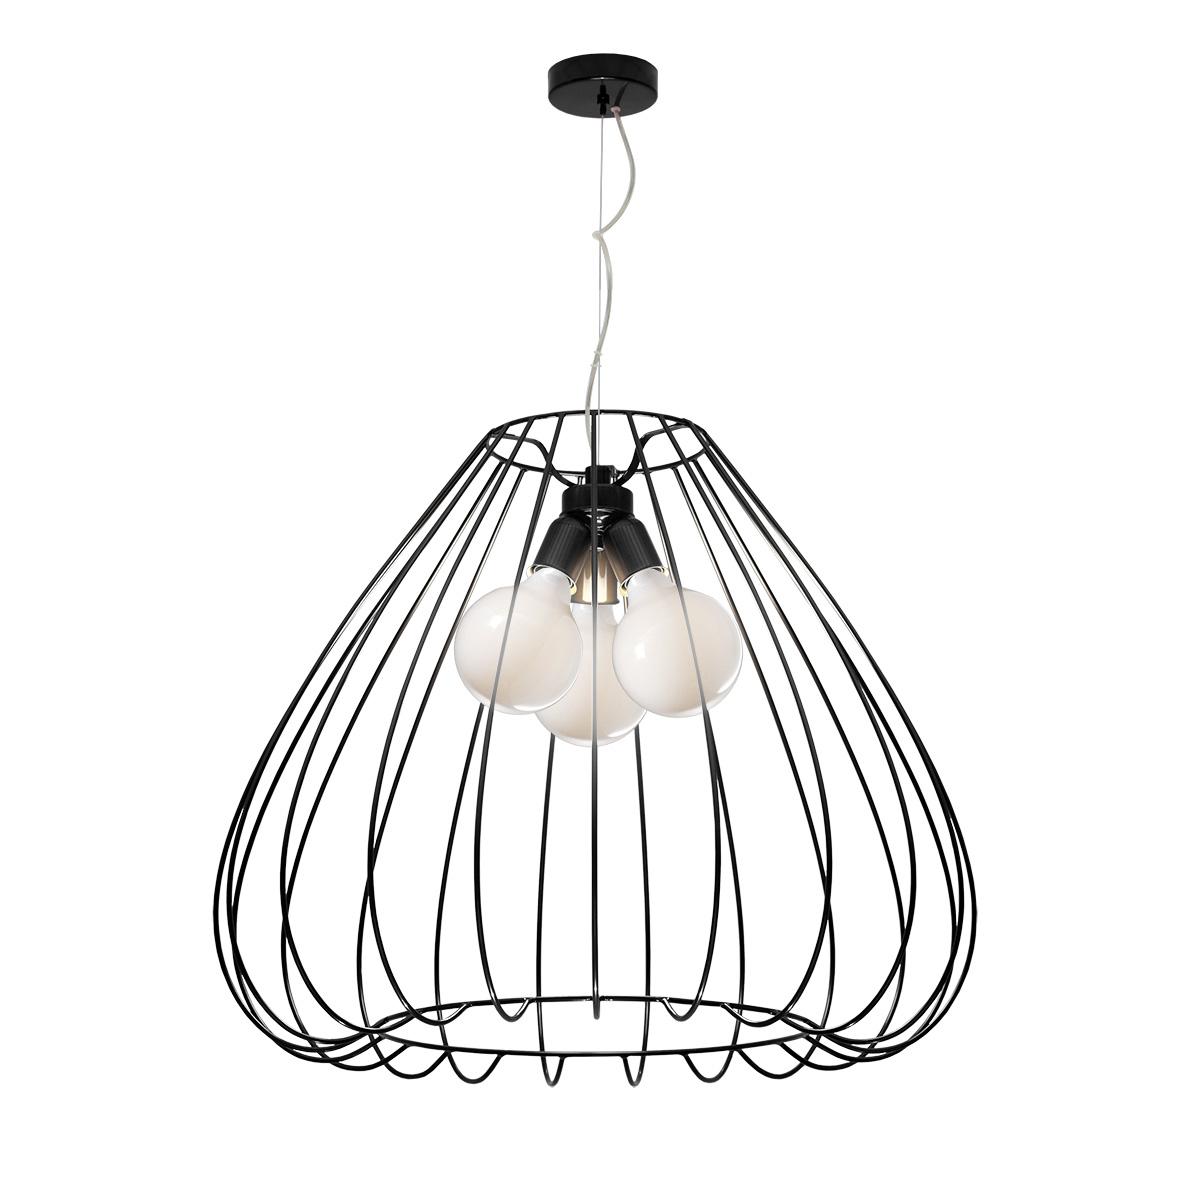 Κρεμαστό φωτιστικό κλουβί CELLI modern cage pendant light